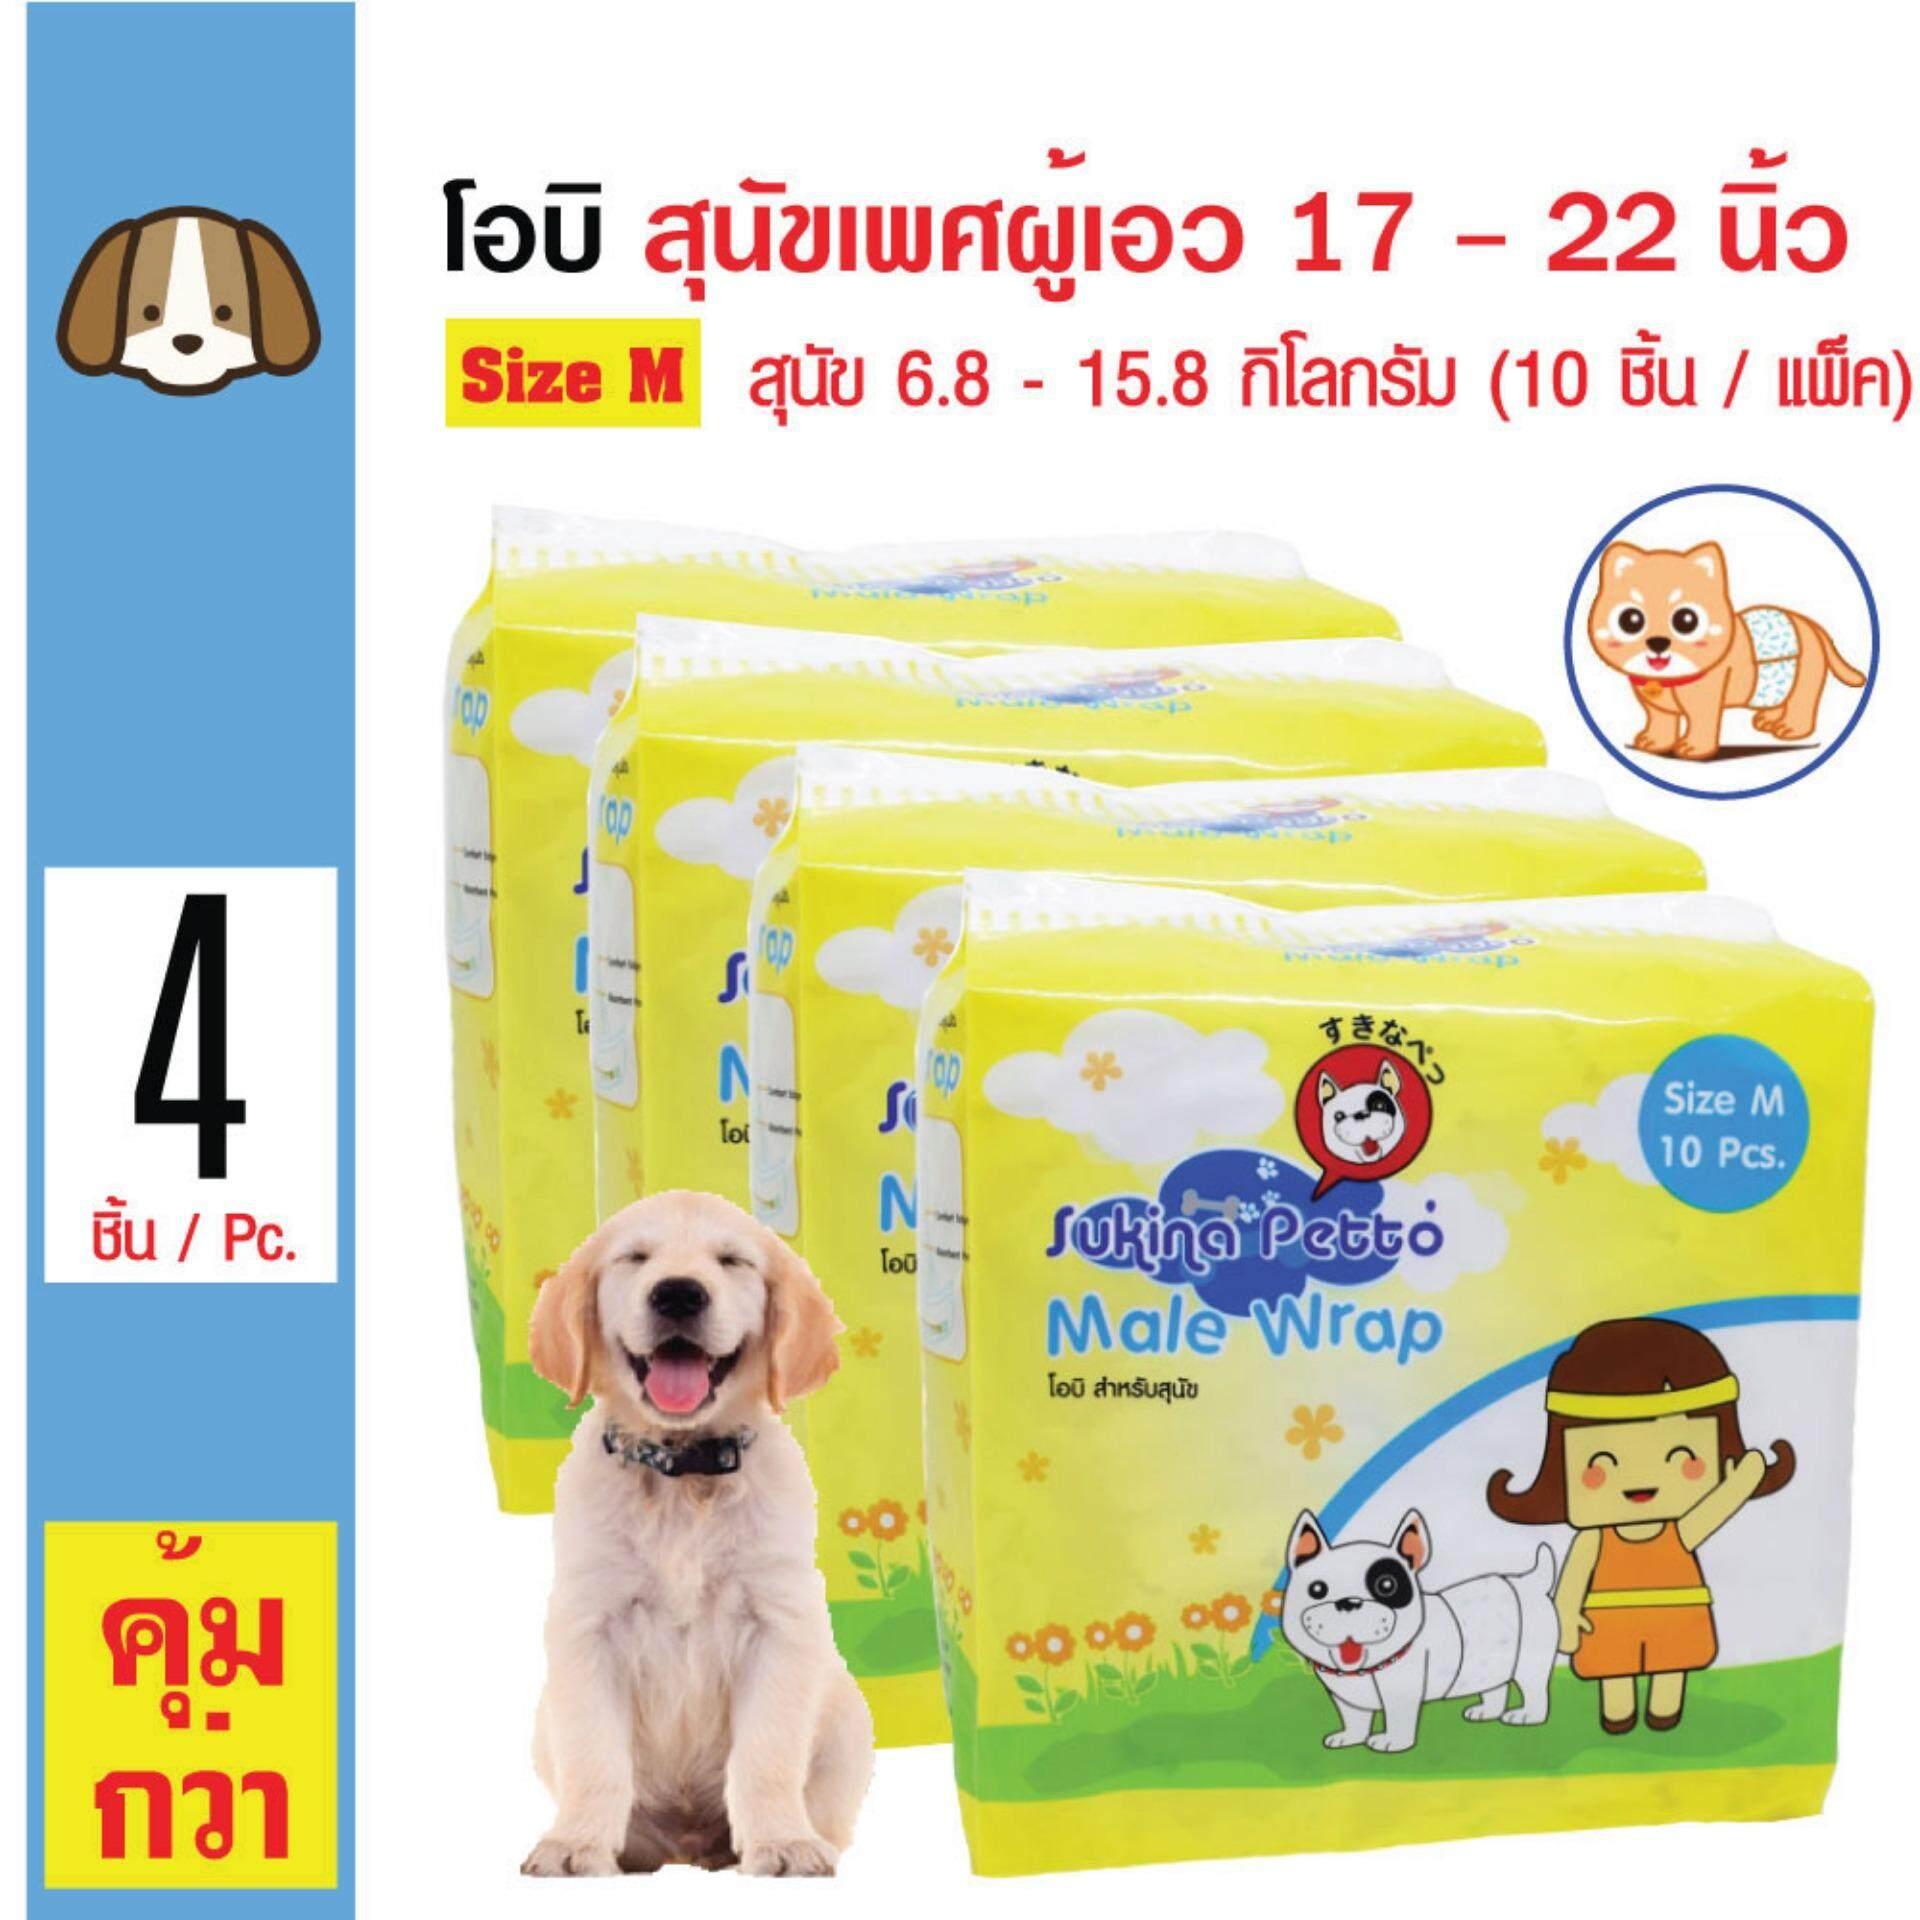 Sukina Petto โอบิผ้าอ้อม โอบิรัดเอว สวมใส่ง่าย เก็บน้ำได้ดี Size M สุนัขเอว 17-22 นิ้ว สำหรับสุนัขเพศผู้น้ำหนัก 6.8-15.8 กิโลกรัม (10 ชิ้น/ แพ็ค) x 4 แพ็ค